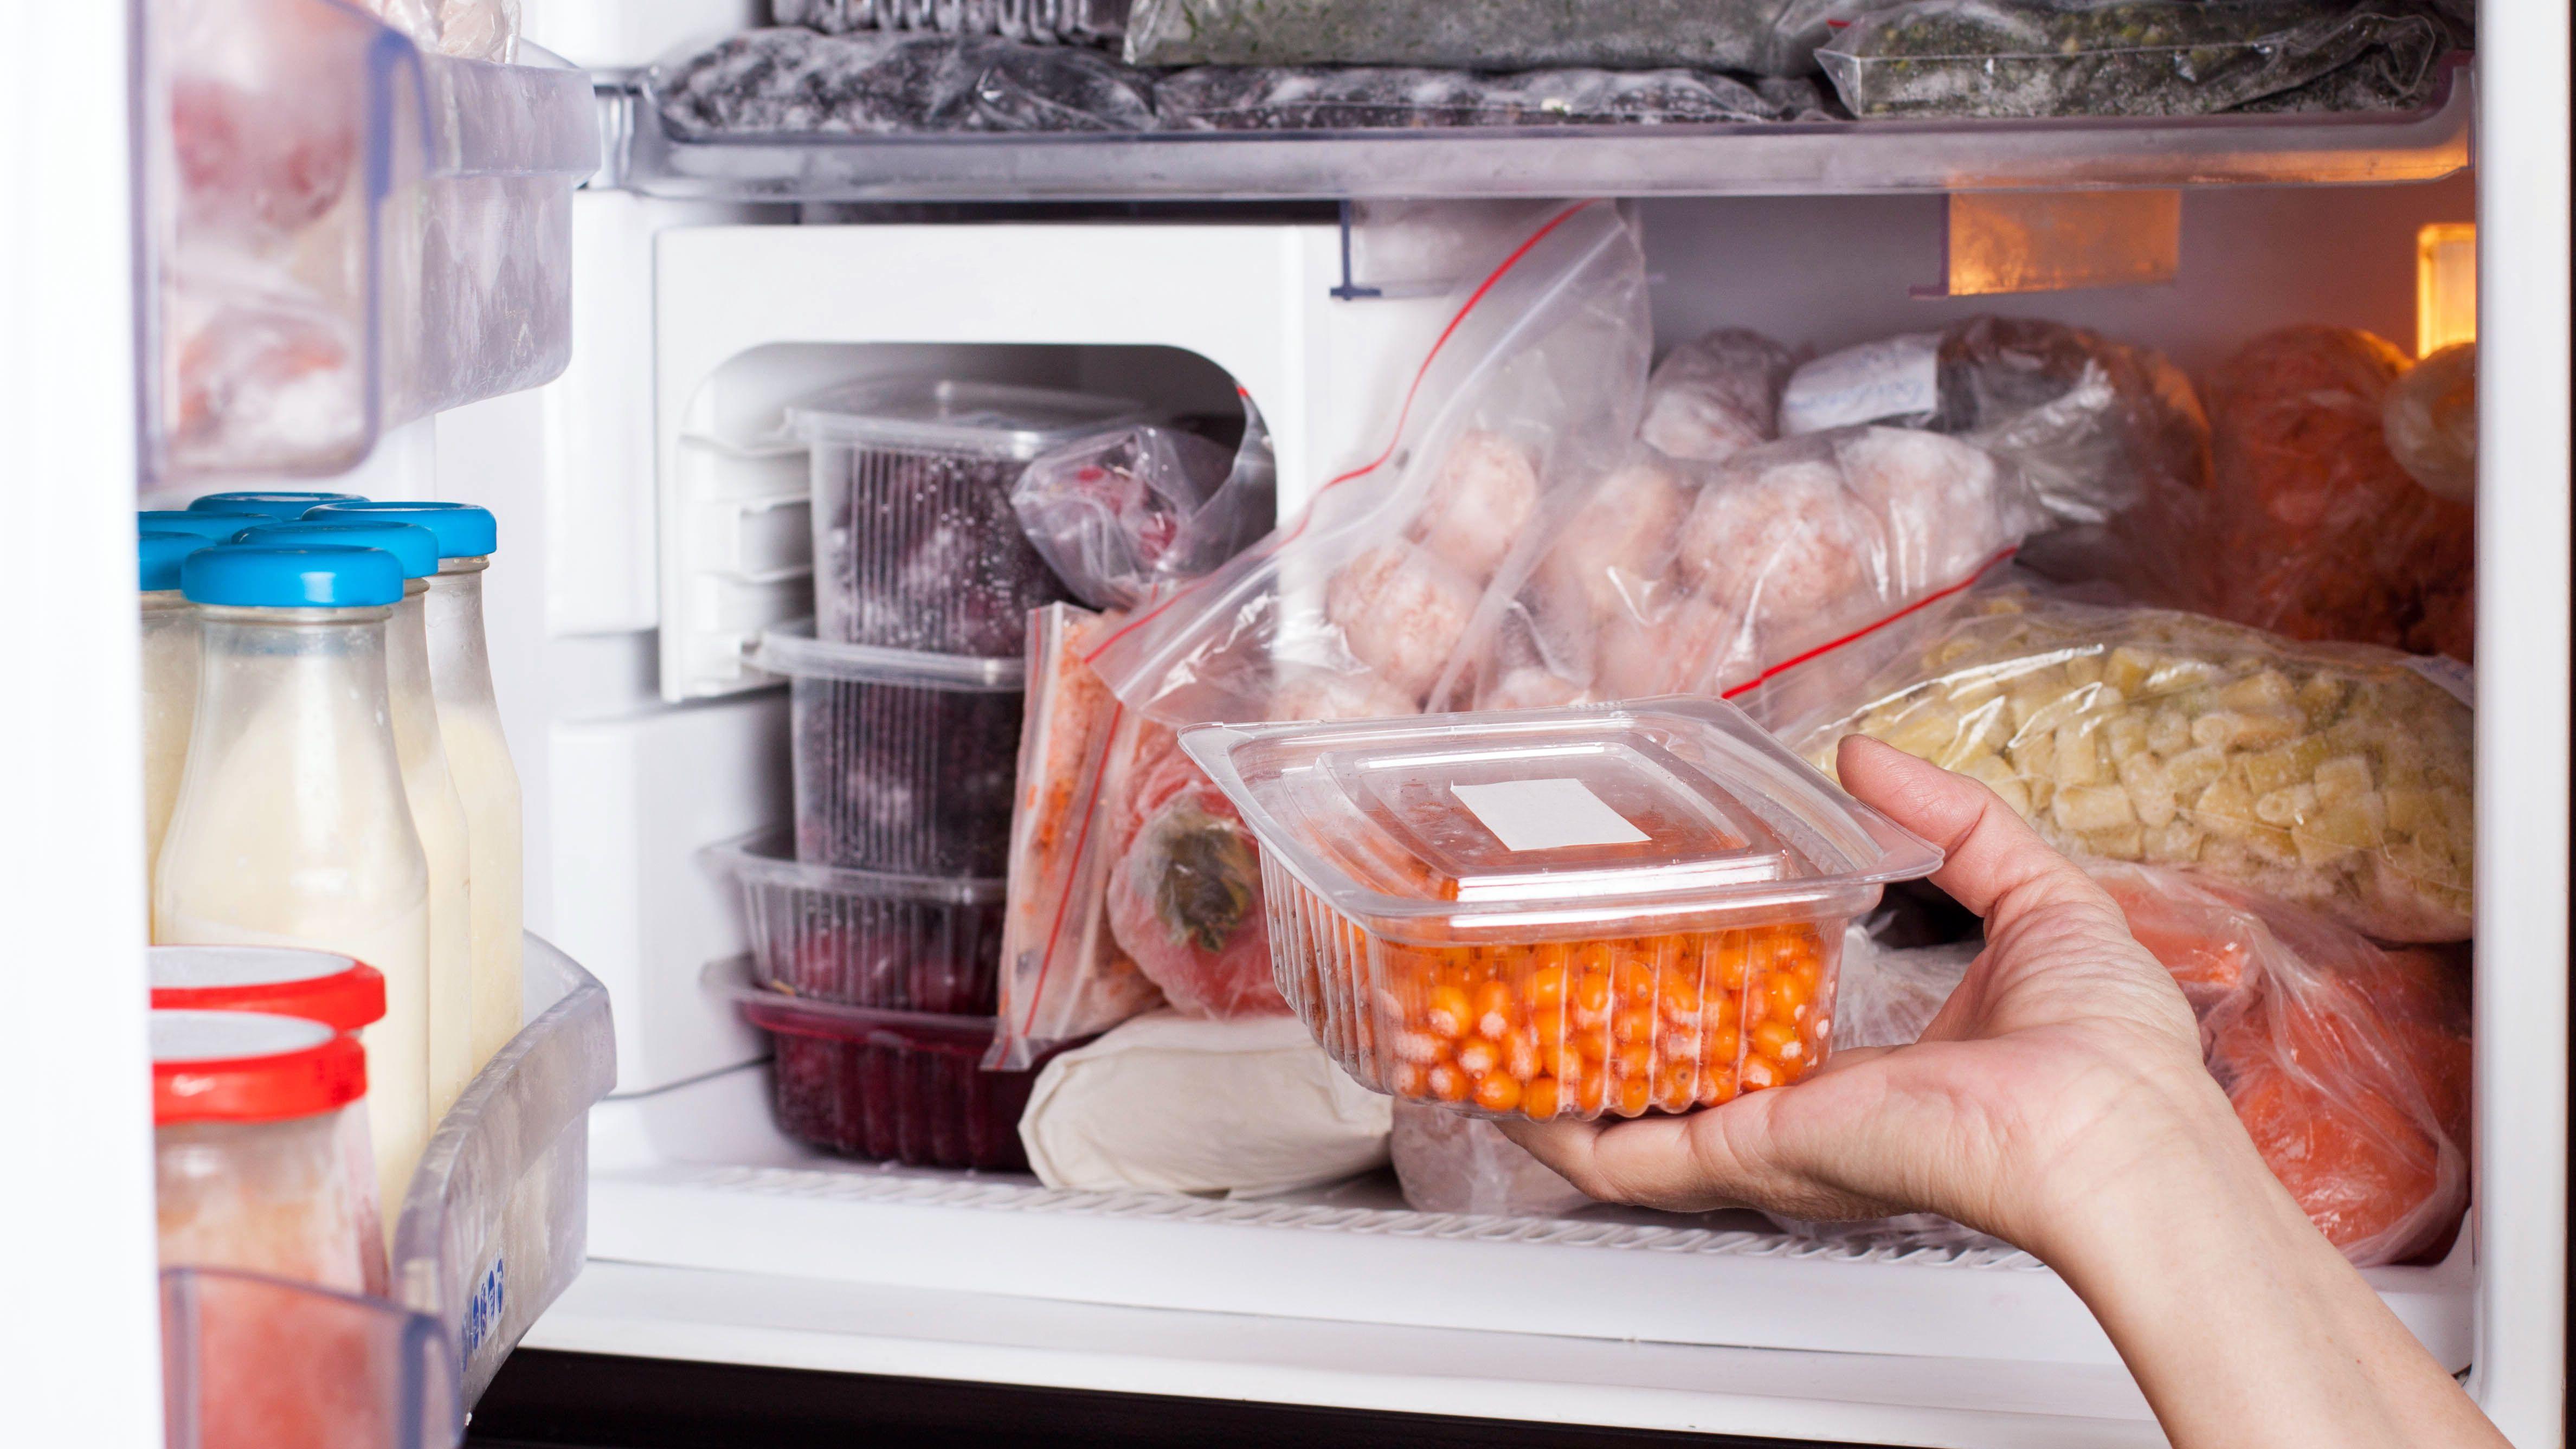 Algunos alimentos, como aquellos que contienen almidones sí se modifican con las bajas temperaturas y adquieren una textura viscosa (Shutterstock.com)